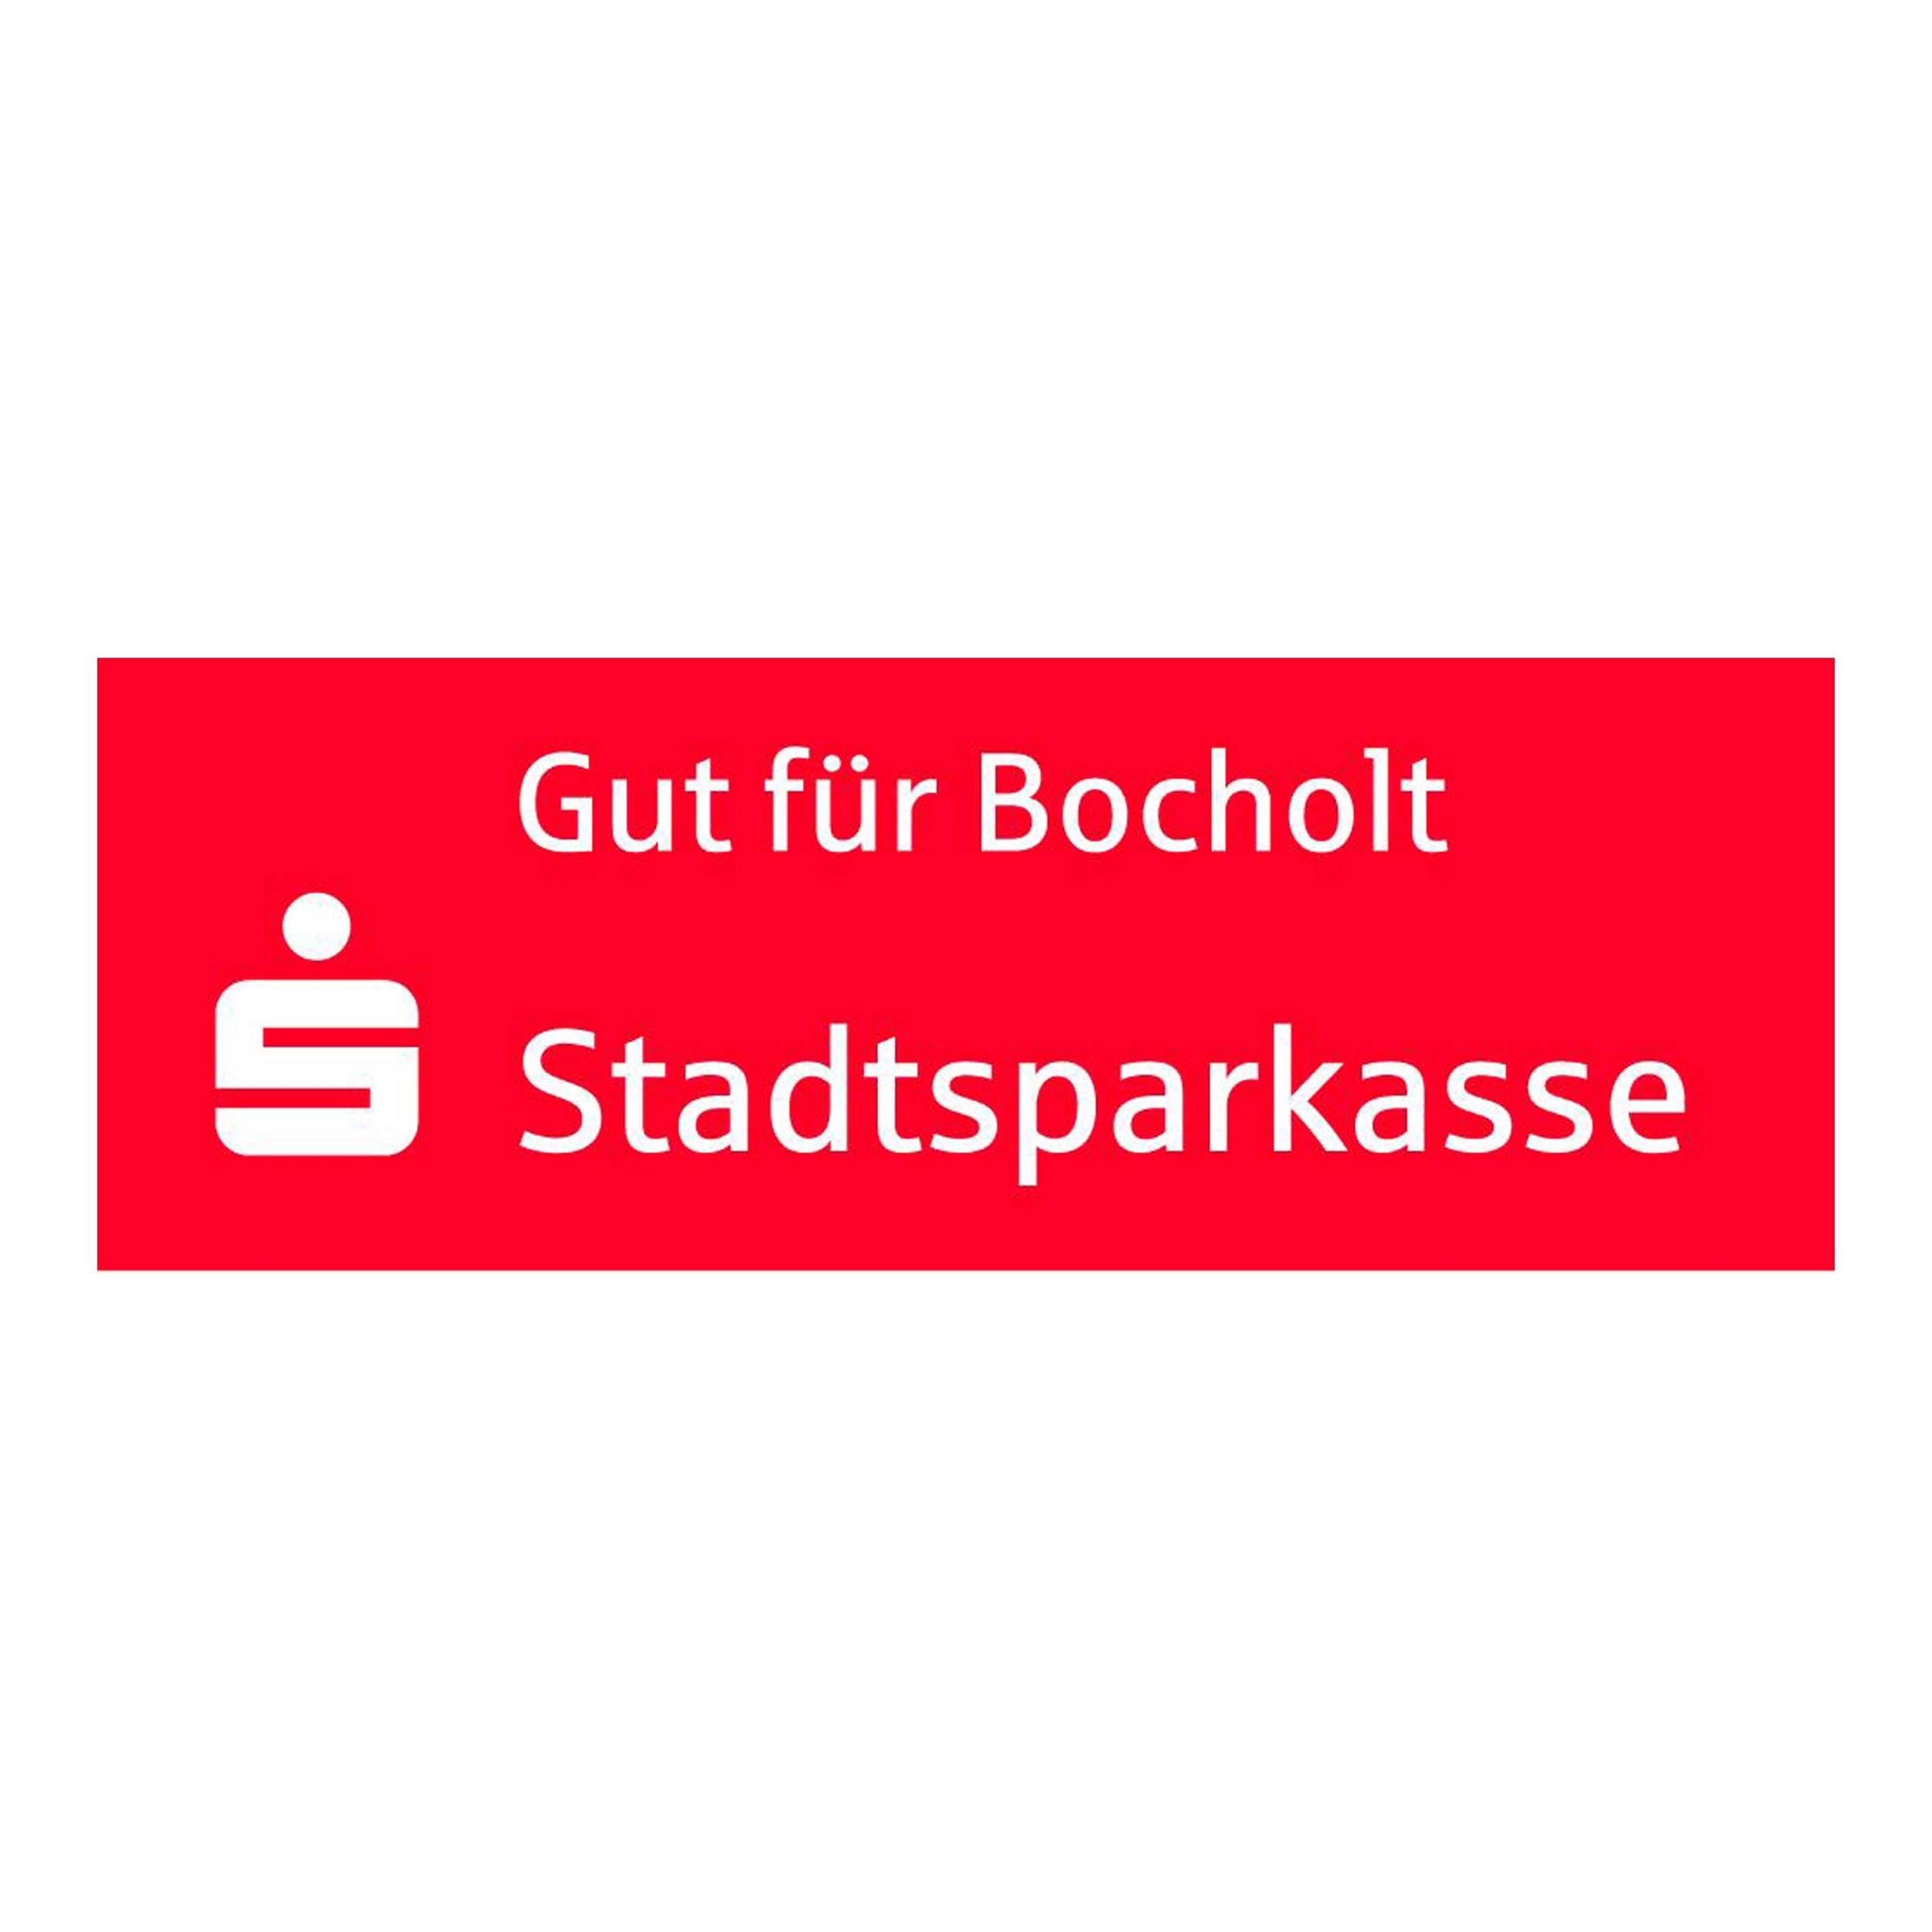 Bocholt800_Platin-Stadtsparkasse_20210906